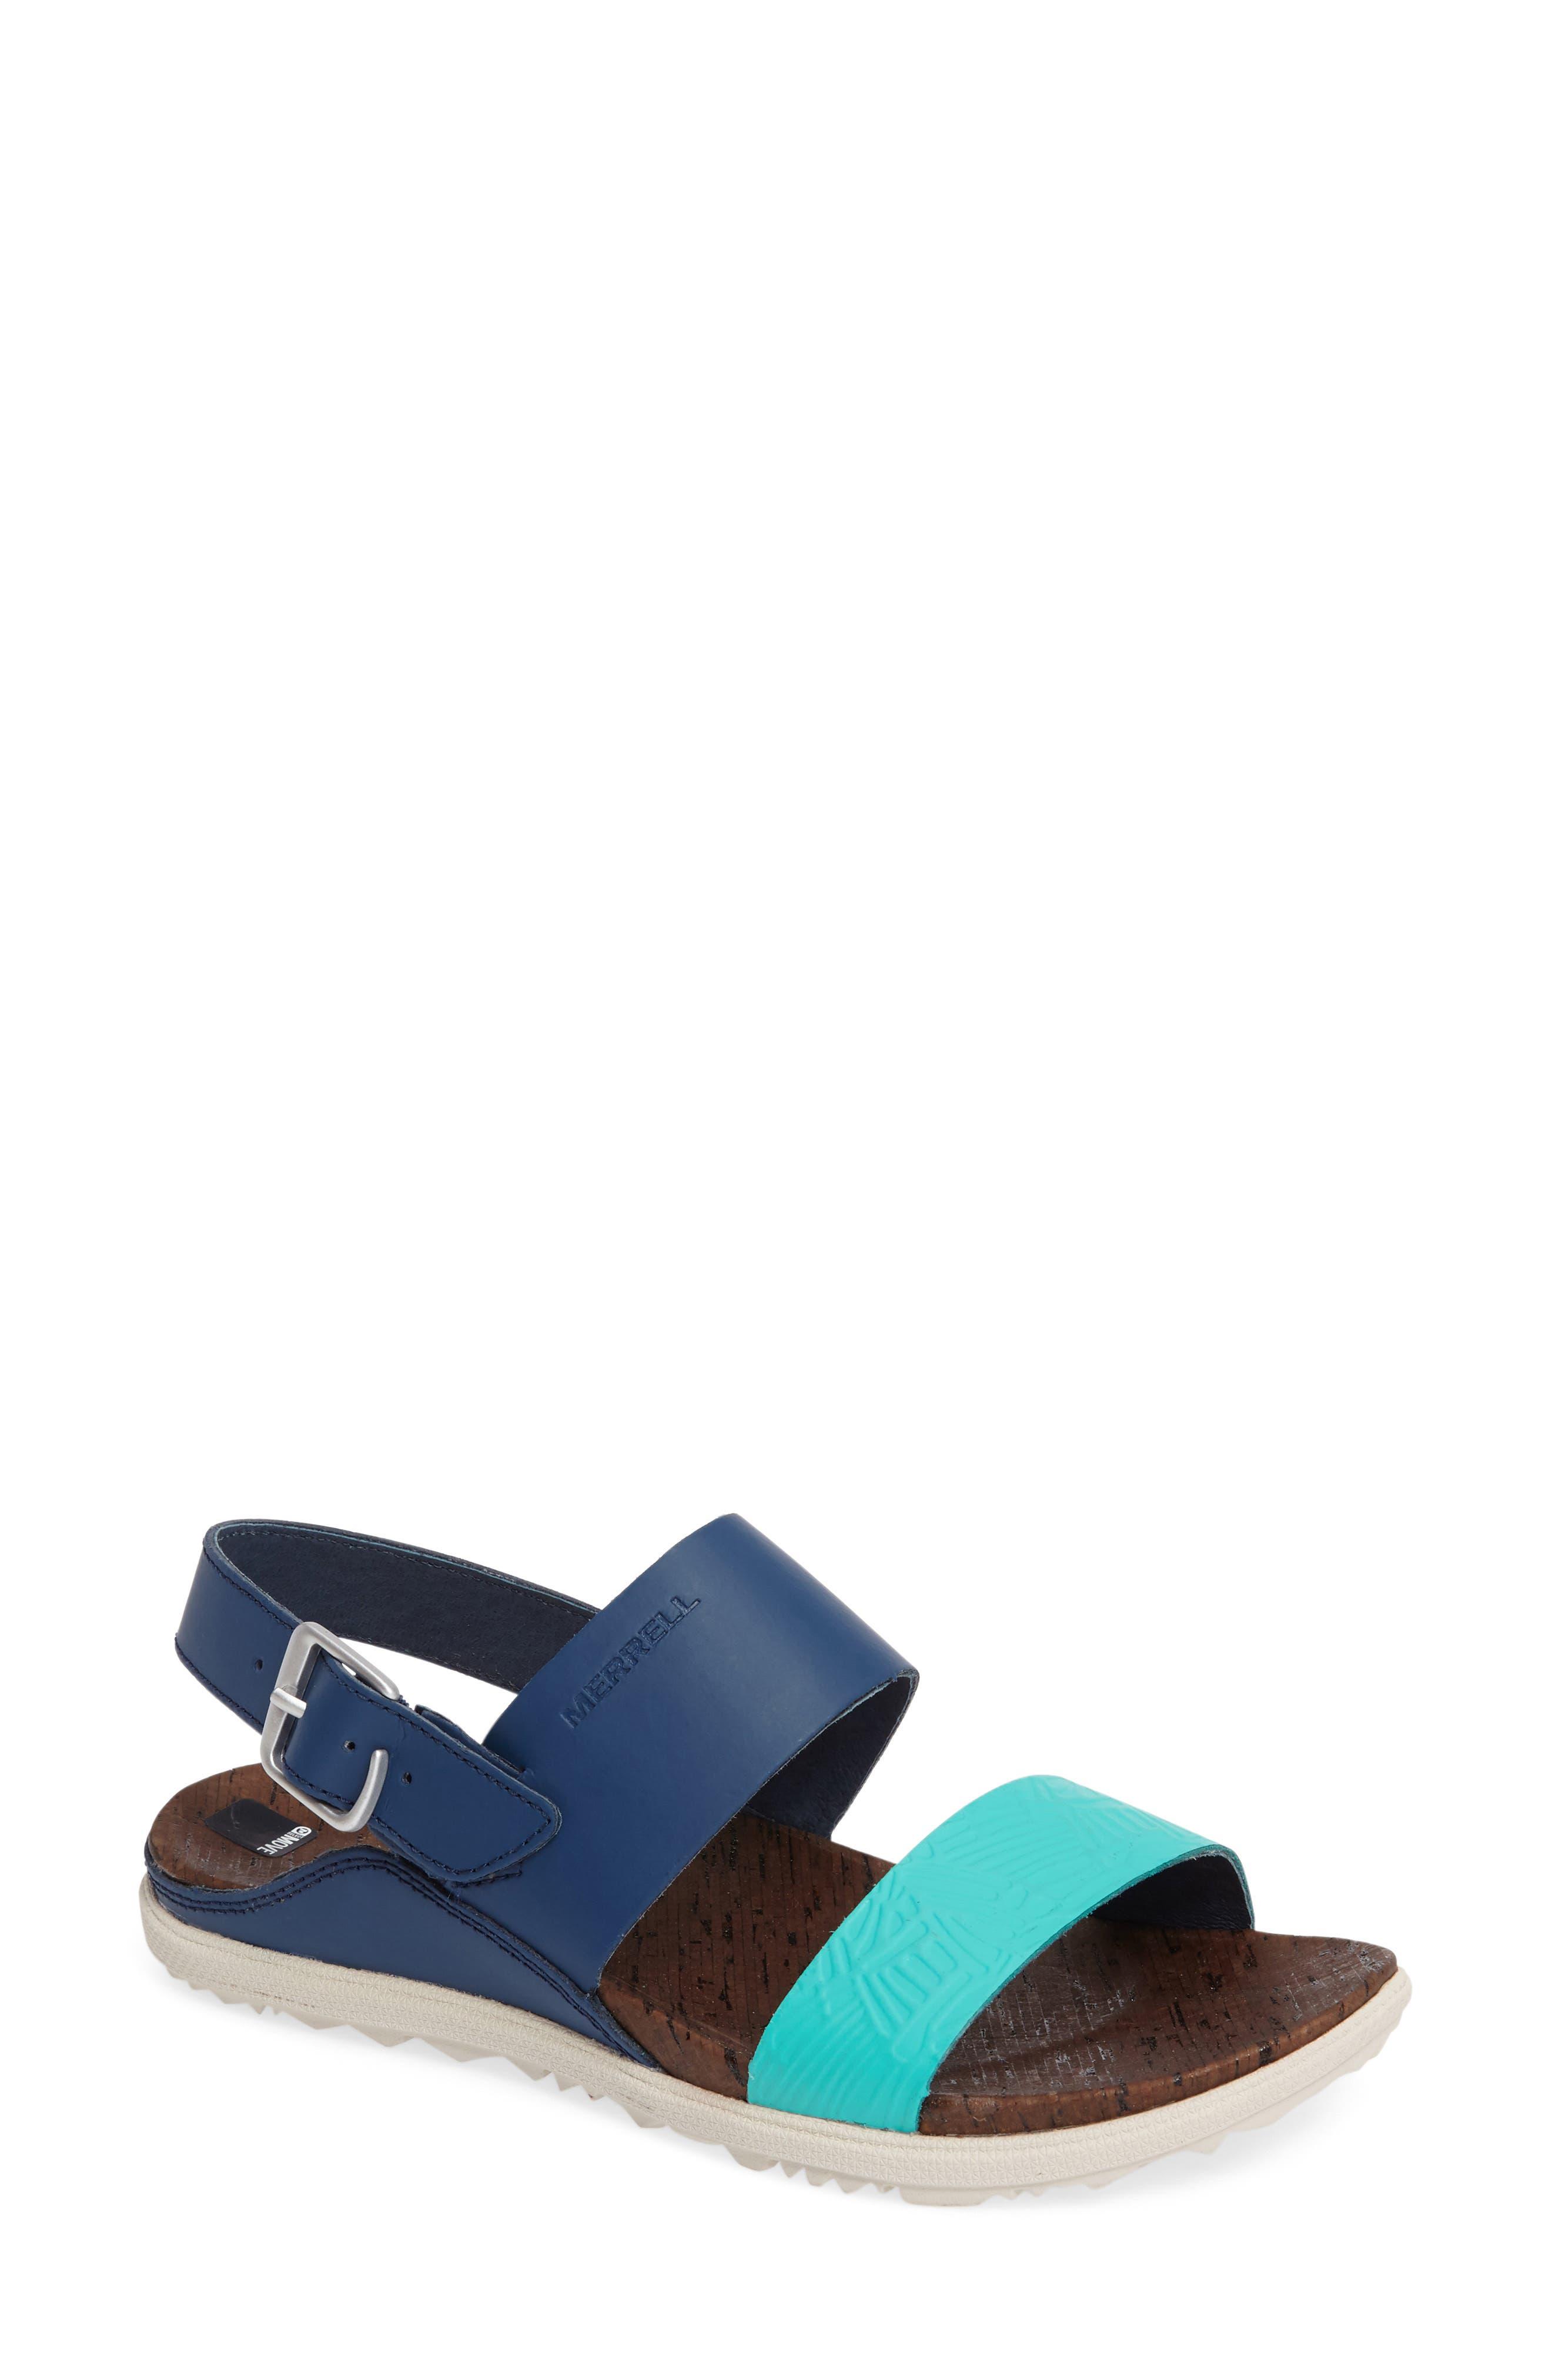 Alternate Image 1 Selected - Merrell 'Around Town' Slingback Sandal (Women)